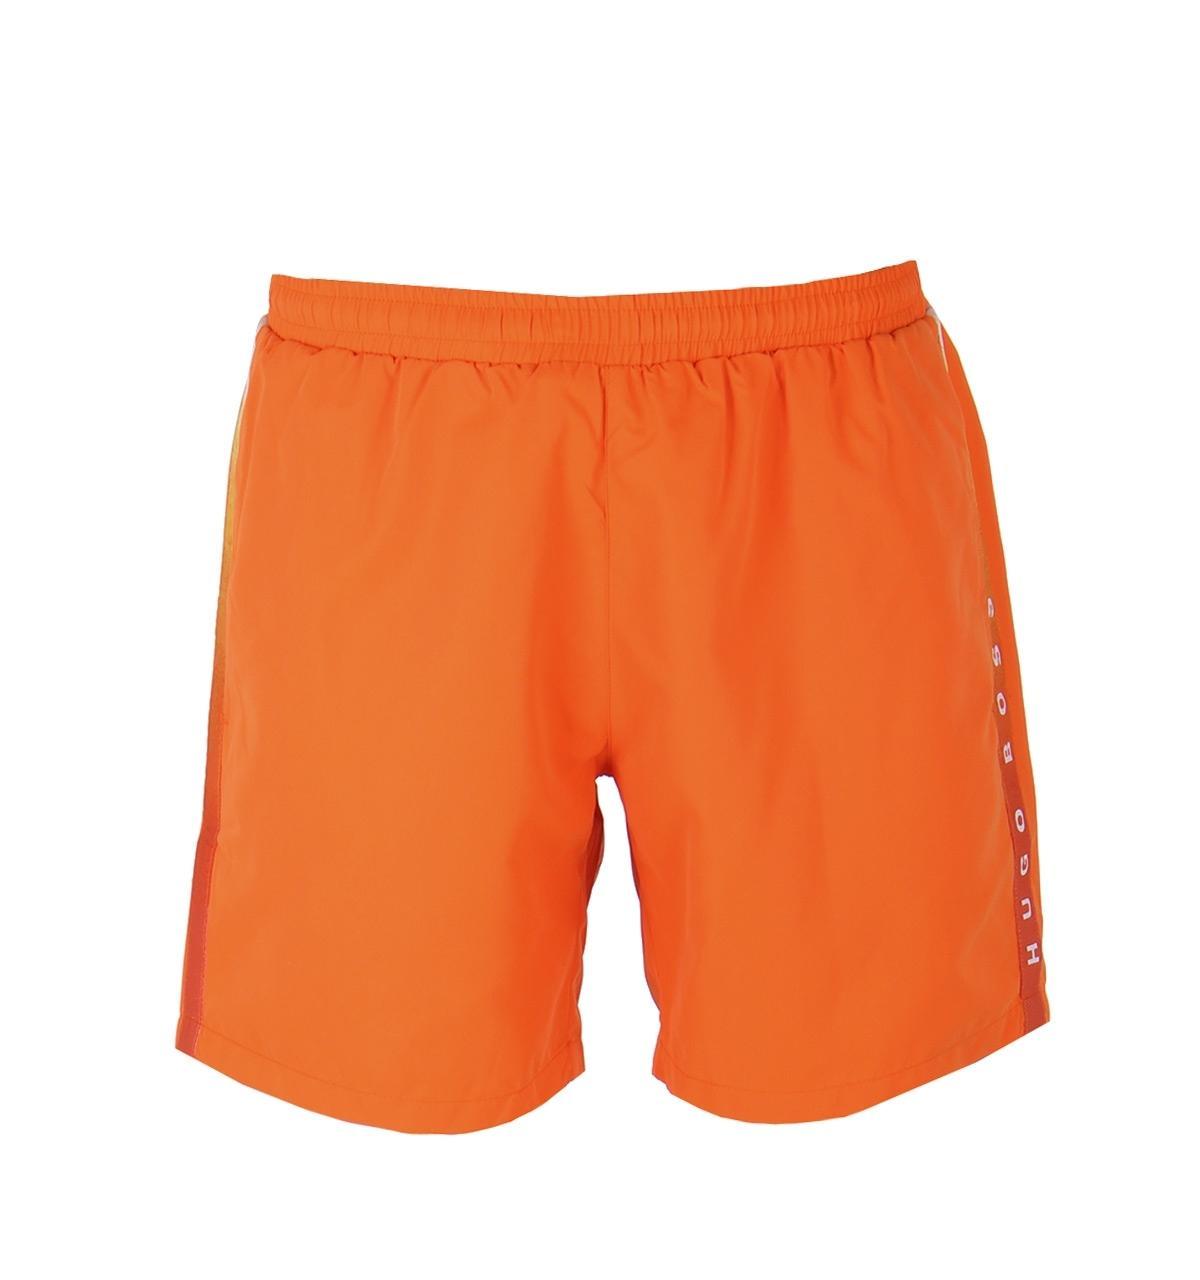 6160a1167 BOSS by Hugo Boss Boss Seabream Orange Swim Shorts in Orange for Men ...